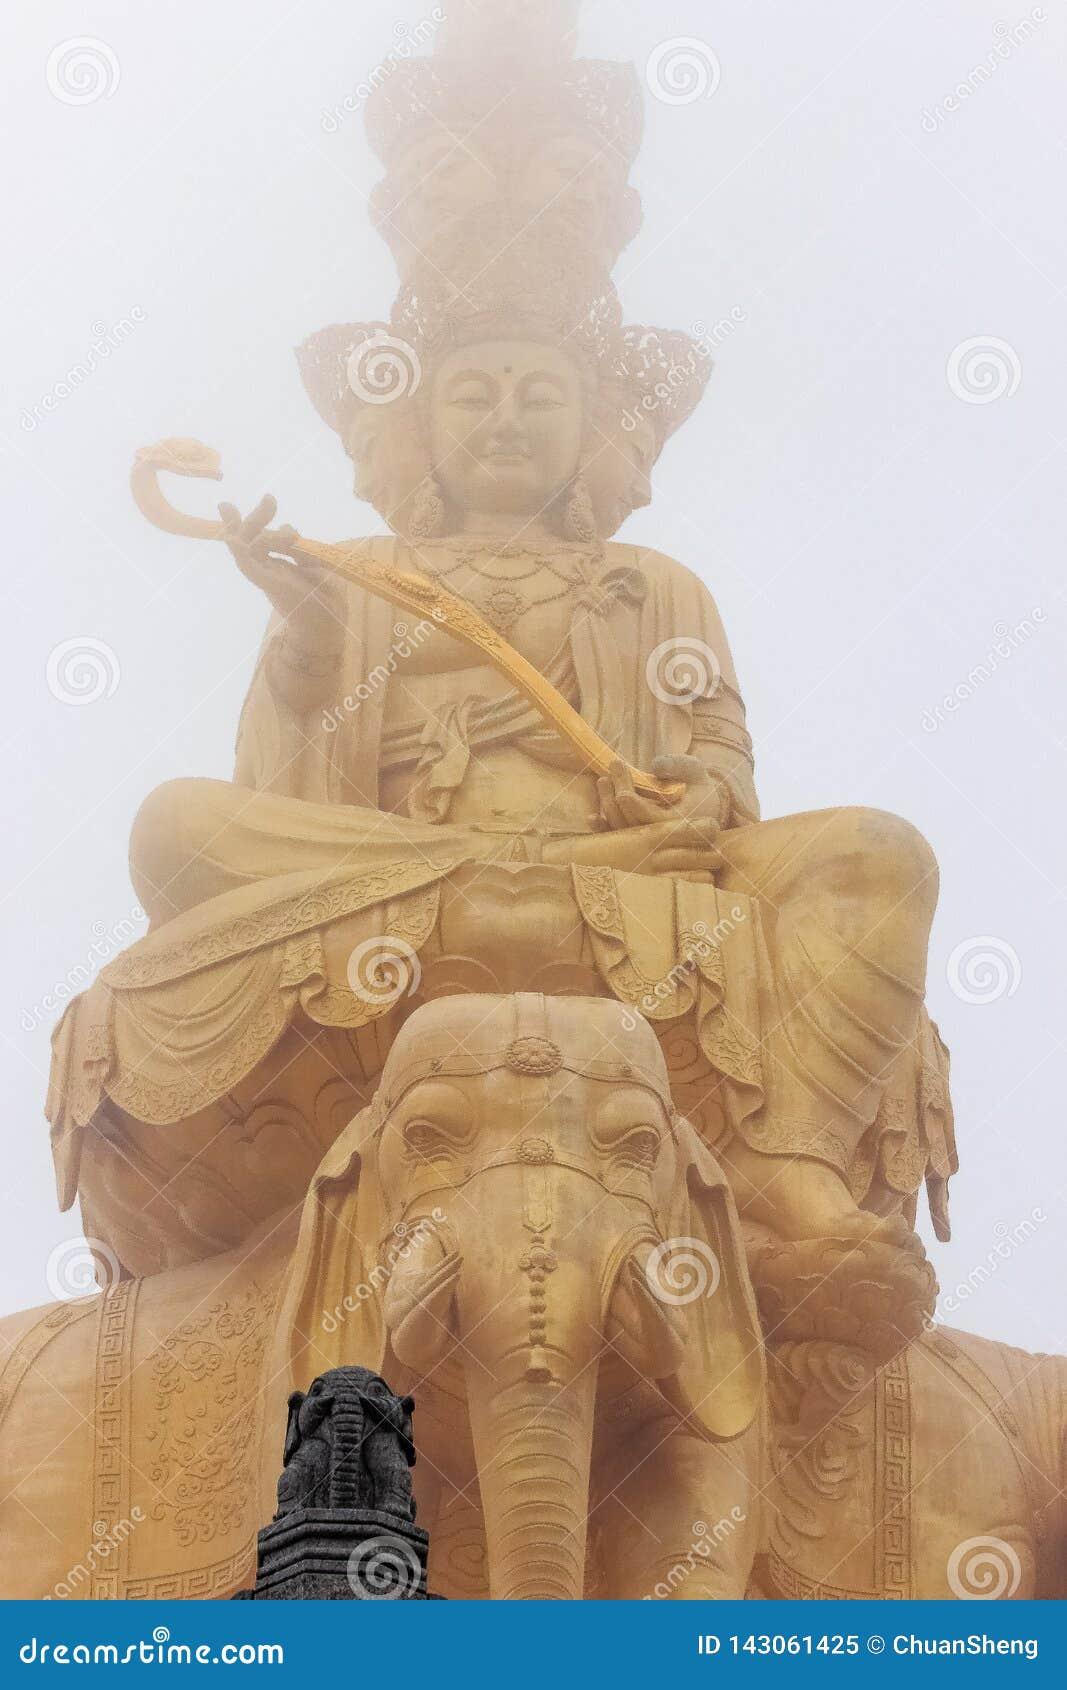 Gigantyczny Buddha w białej mgle jasny posążek ogromny kontrast wirtualny versus real buddyjska statua